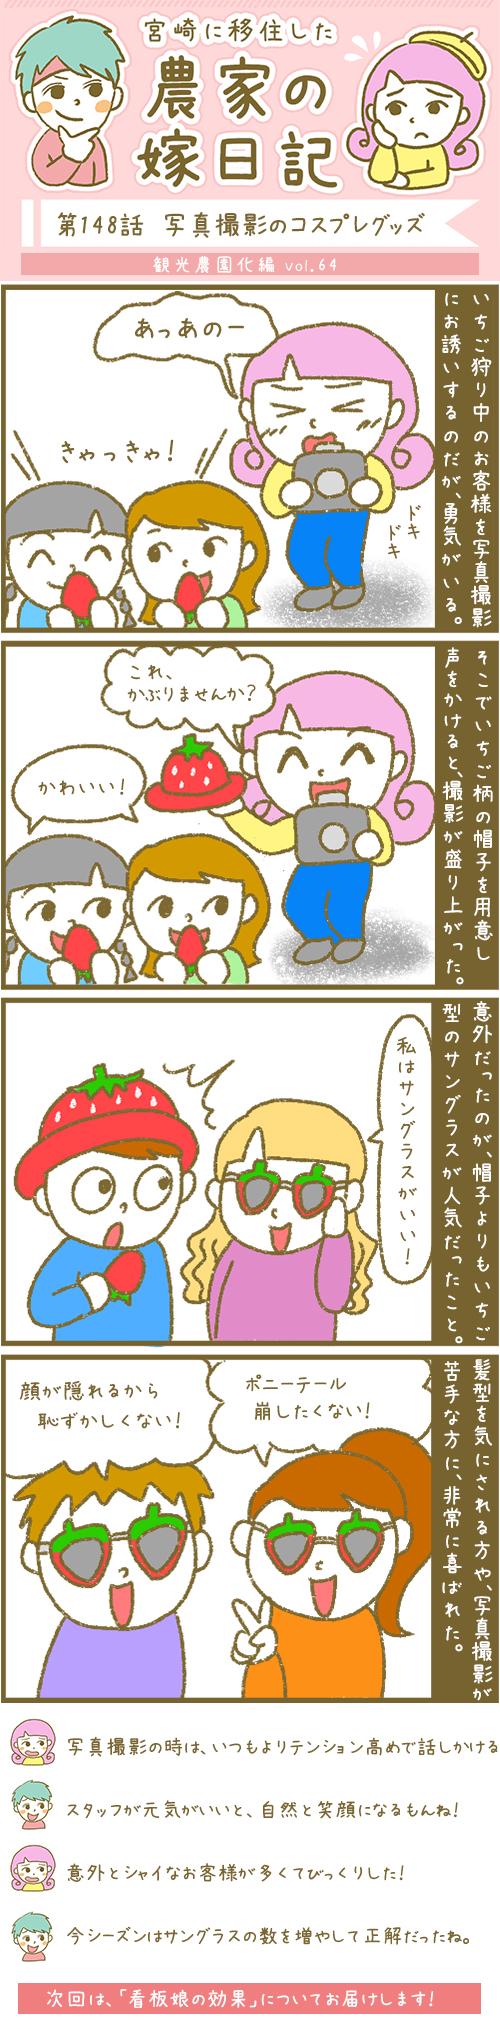 漫画第148話